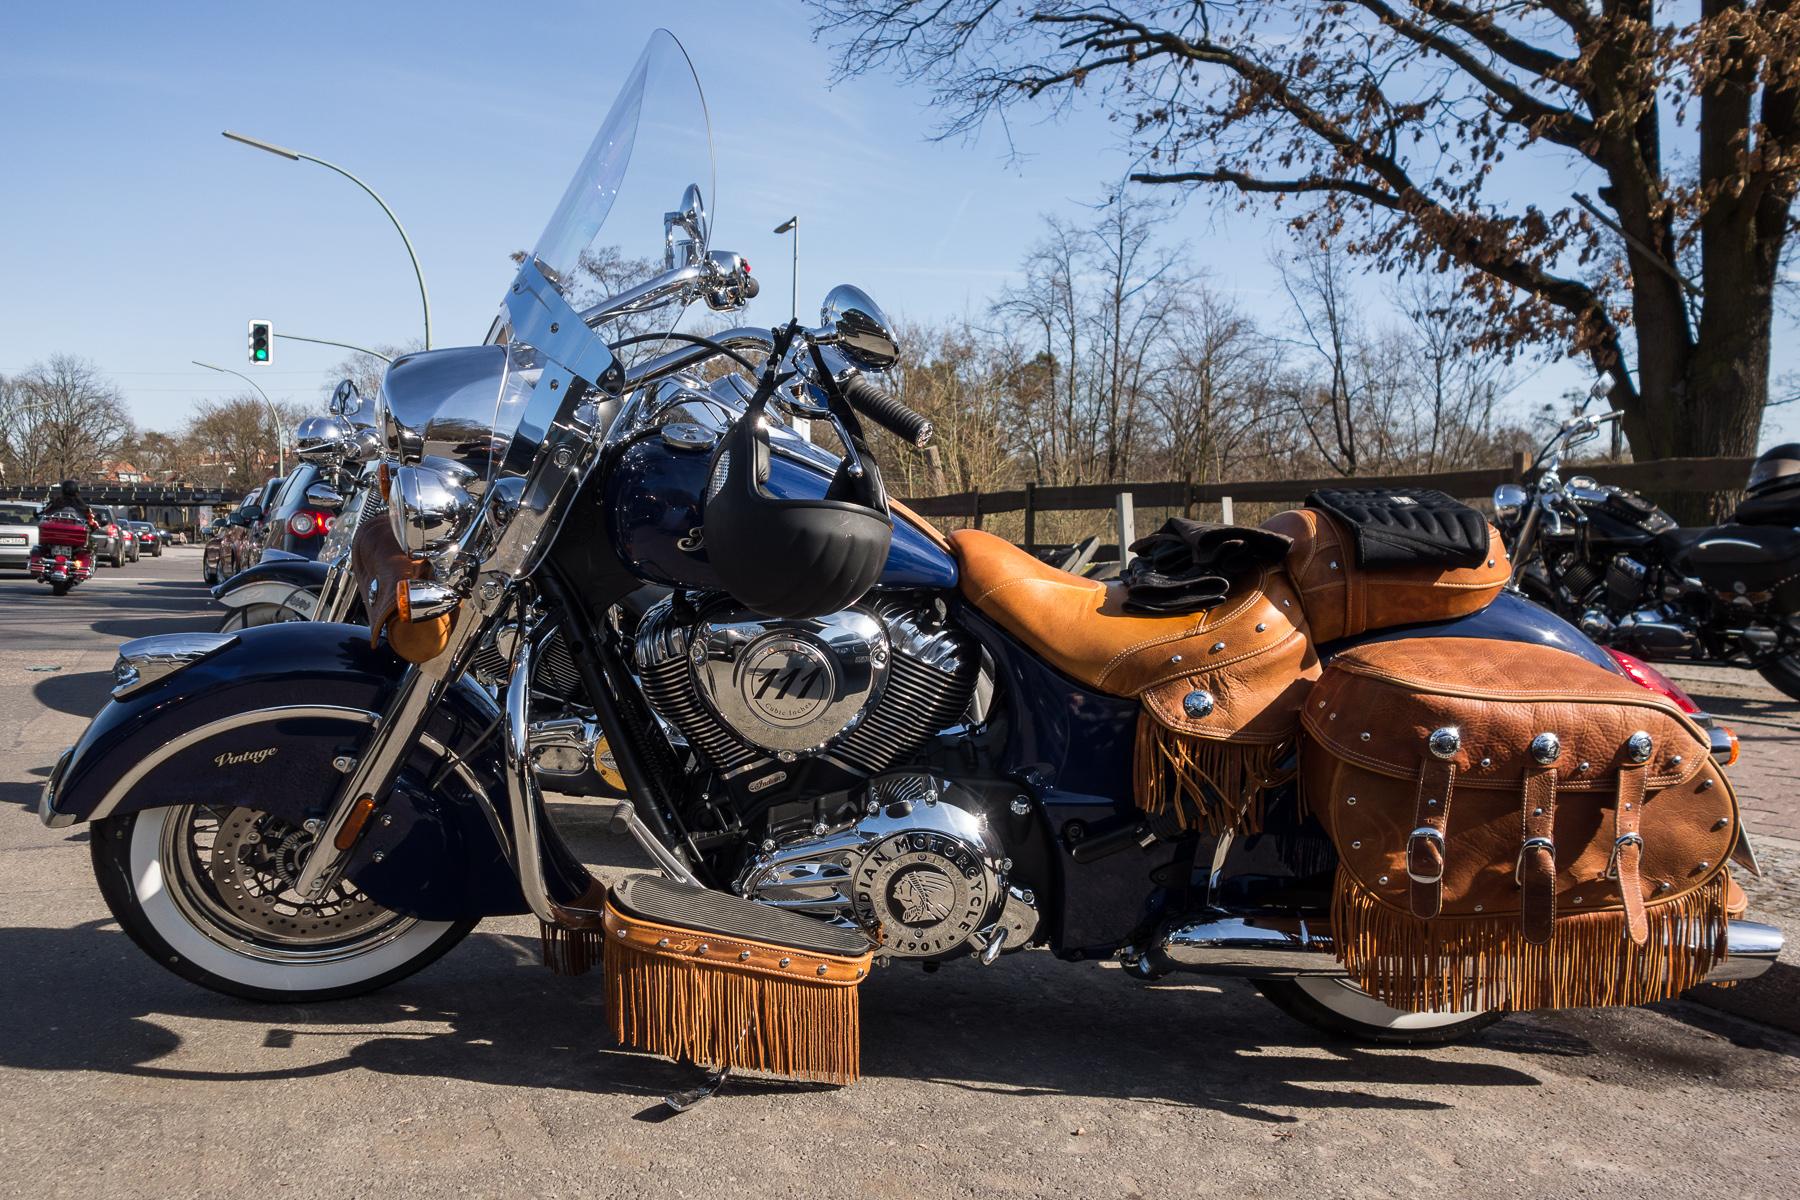 Harley Davidson Passenger Touring Footpeg Adjustable